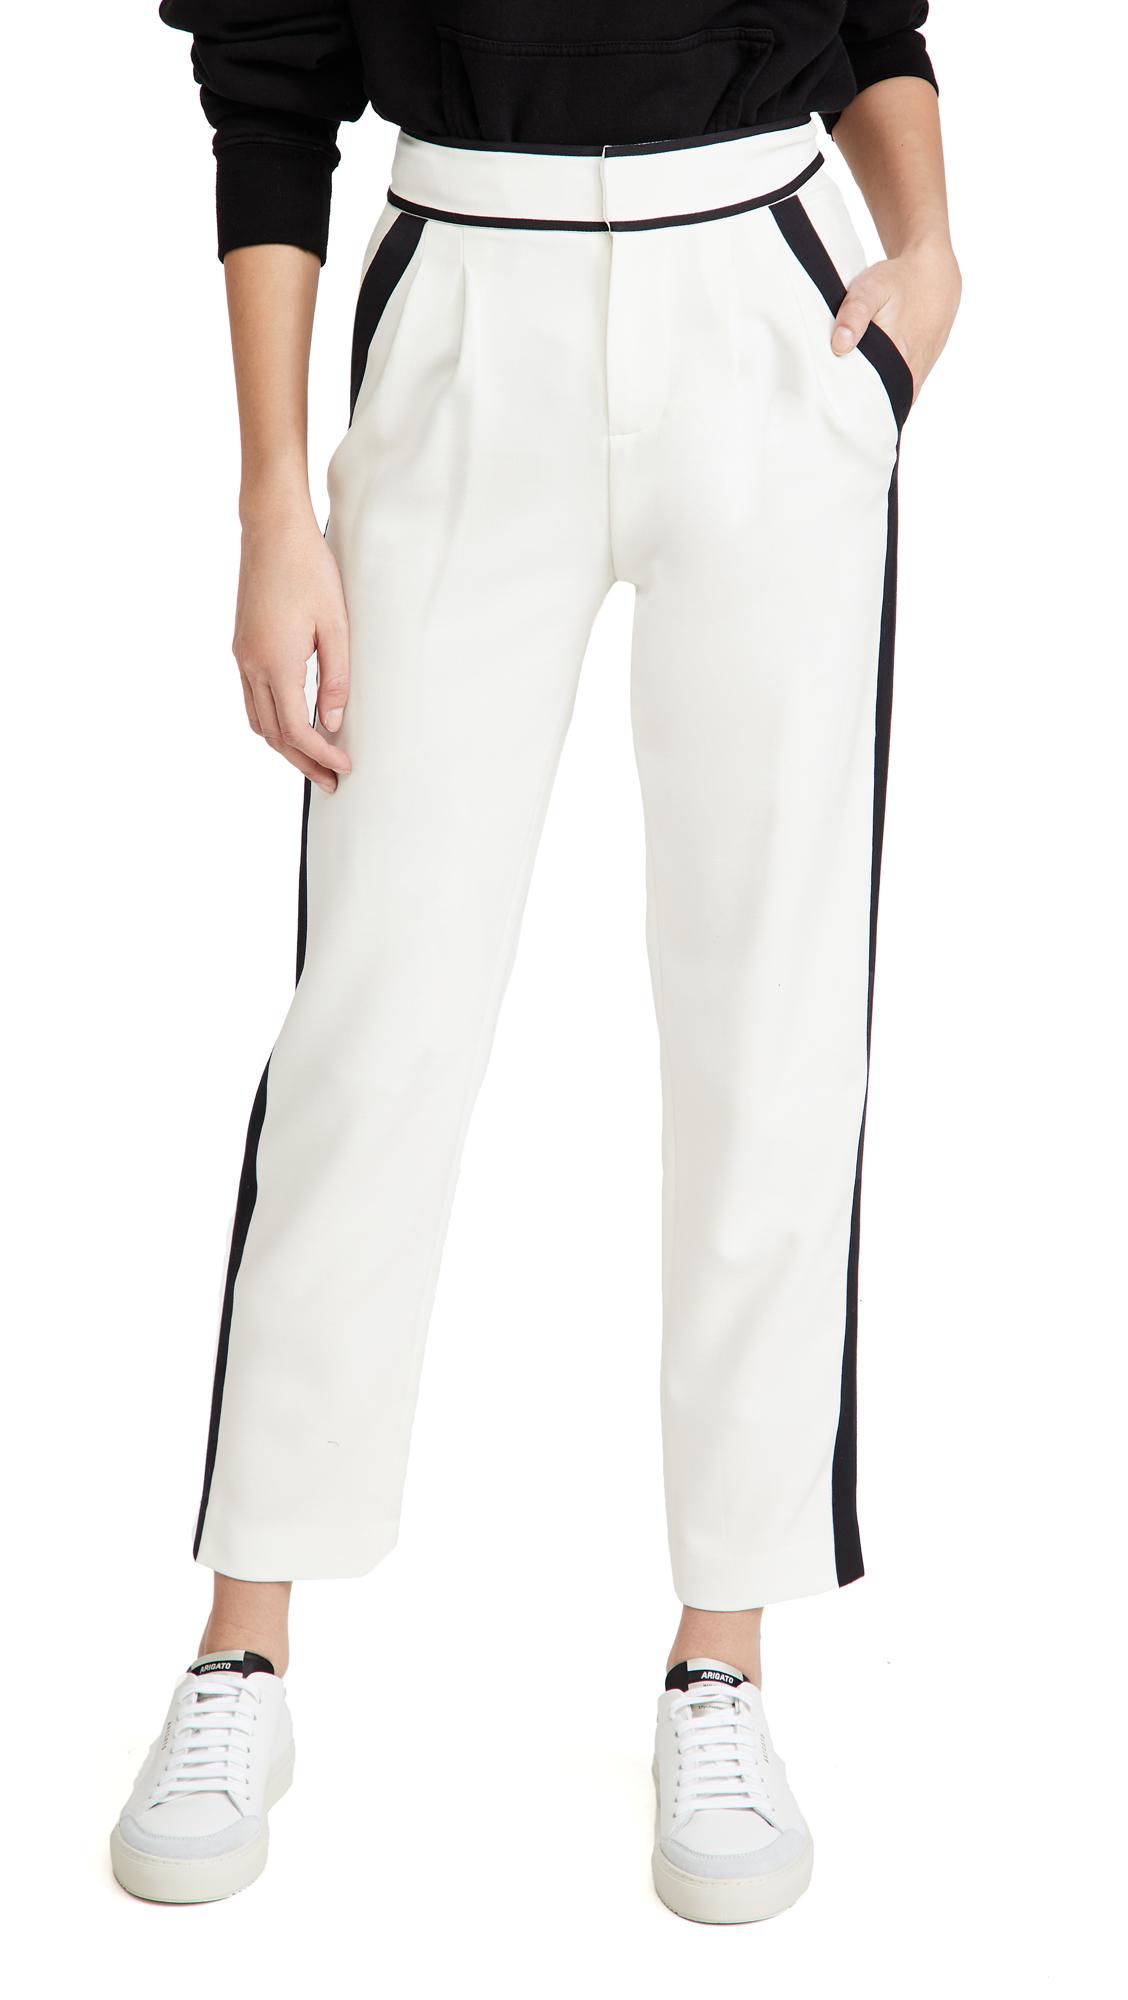 alice + olivia Esta Seamed Pleat Pants